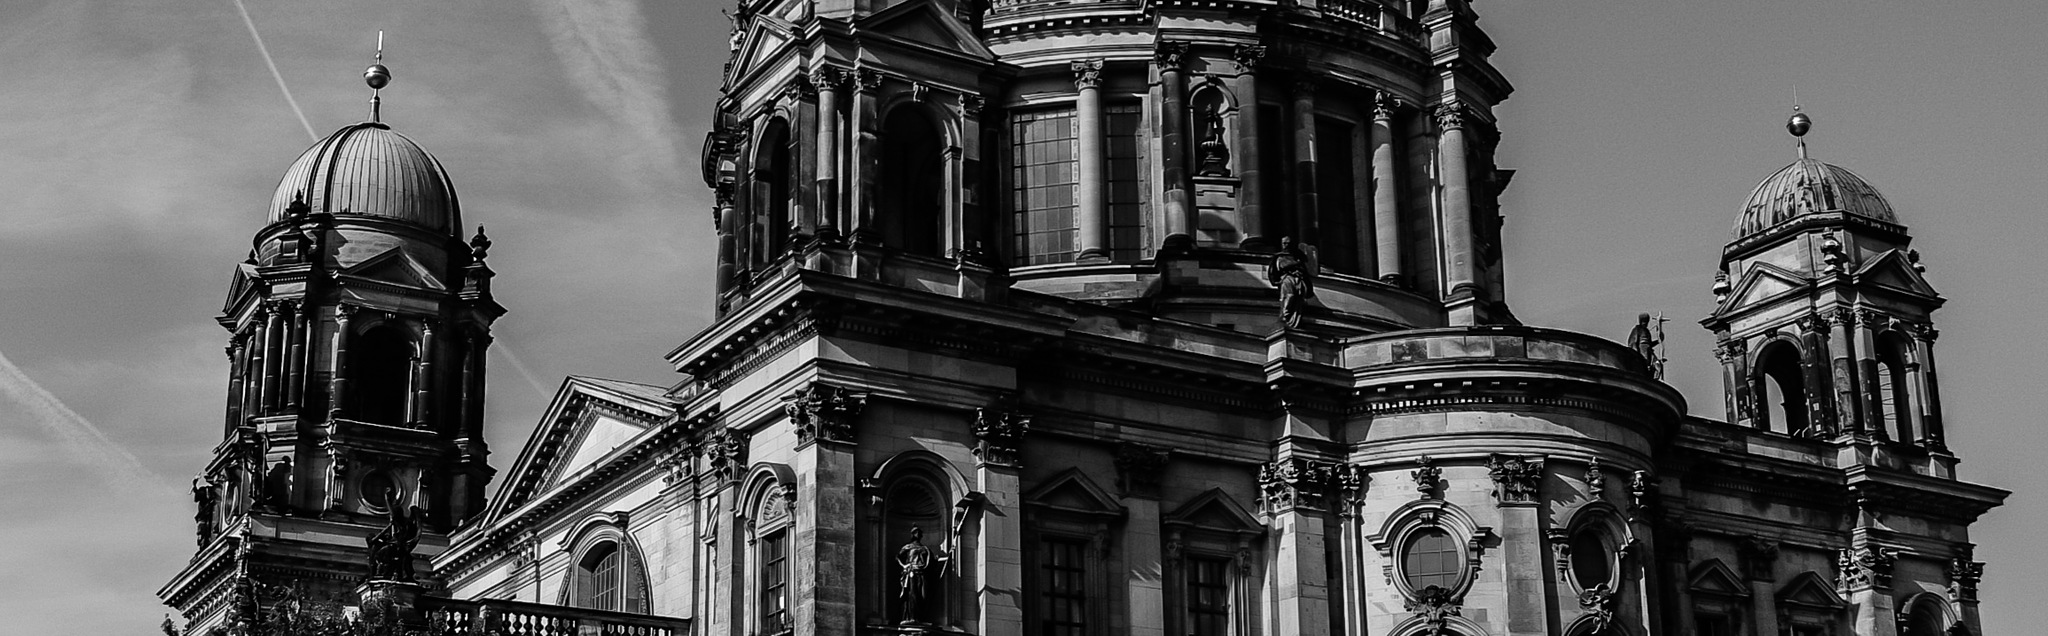 Church 2 by Guillermo Sariñana Siller